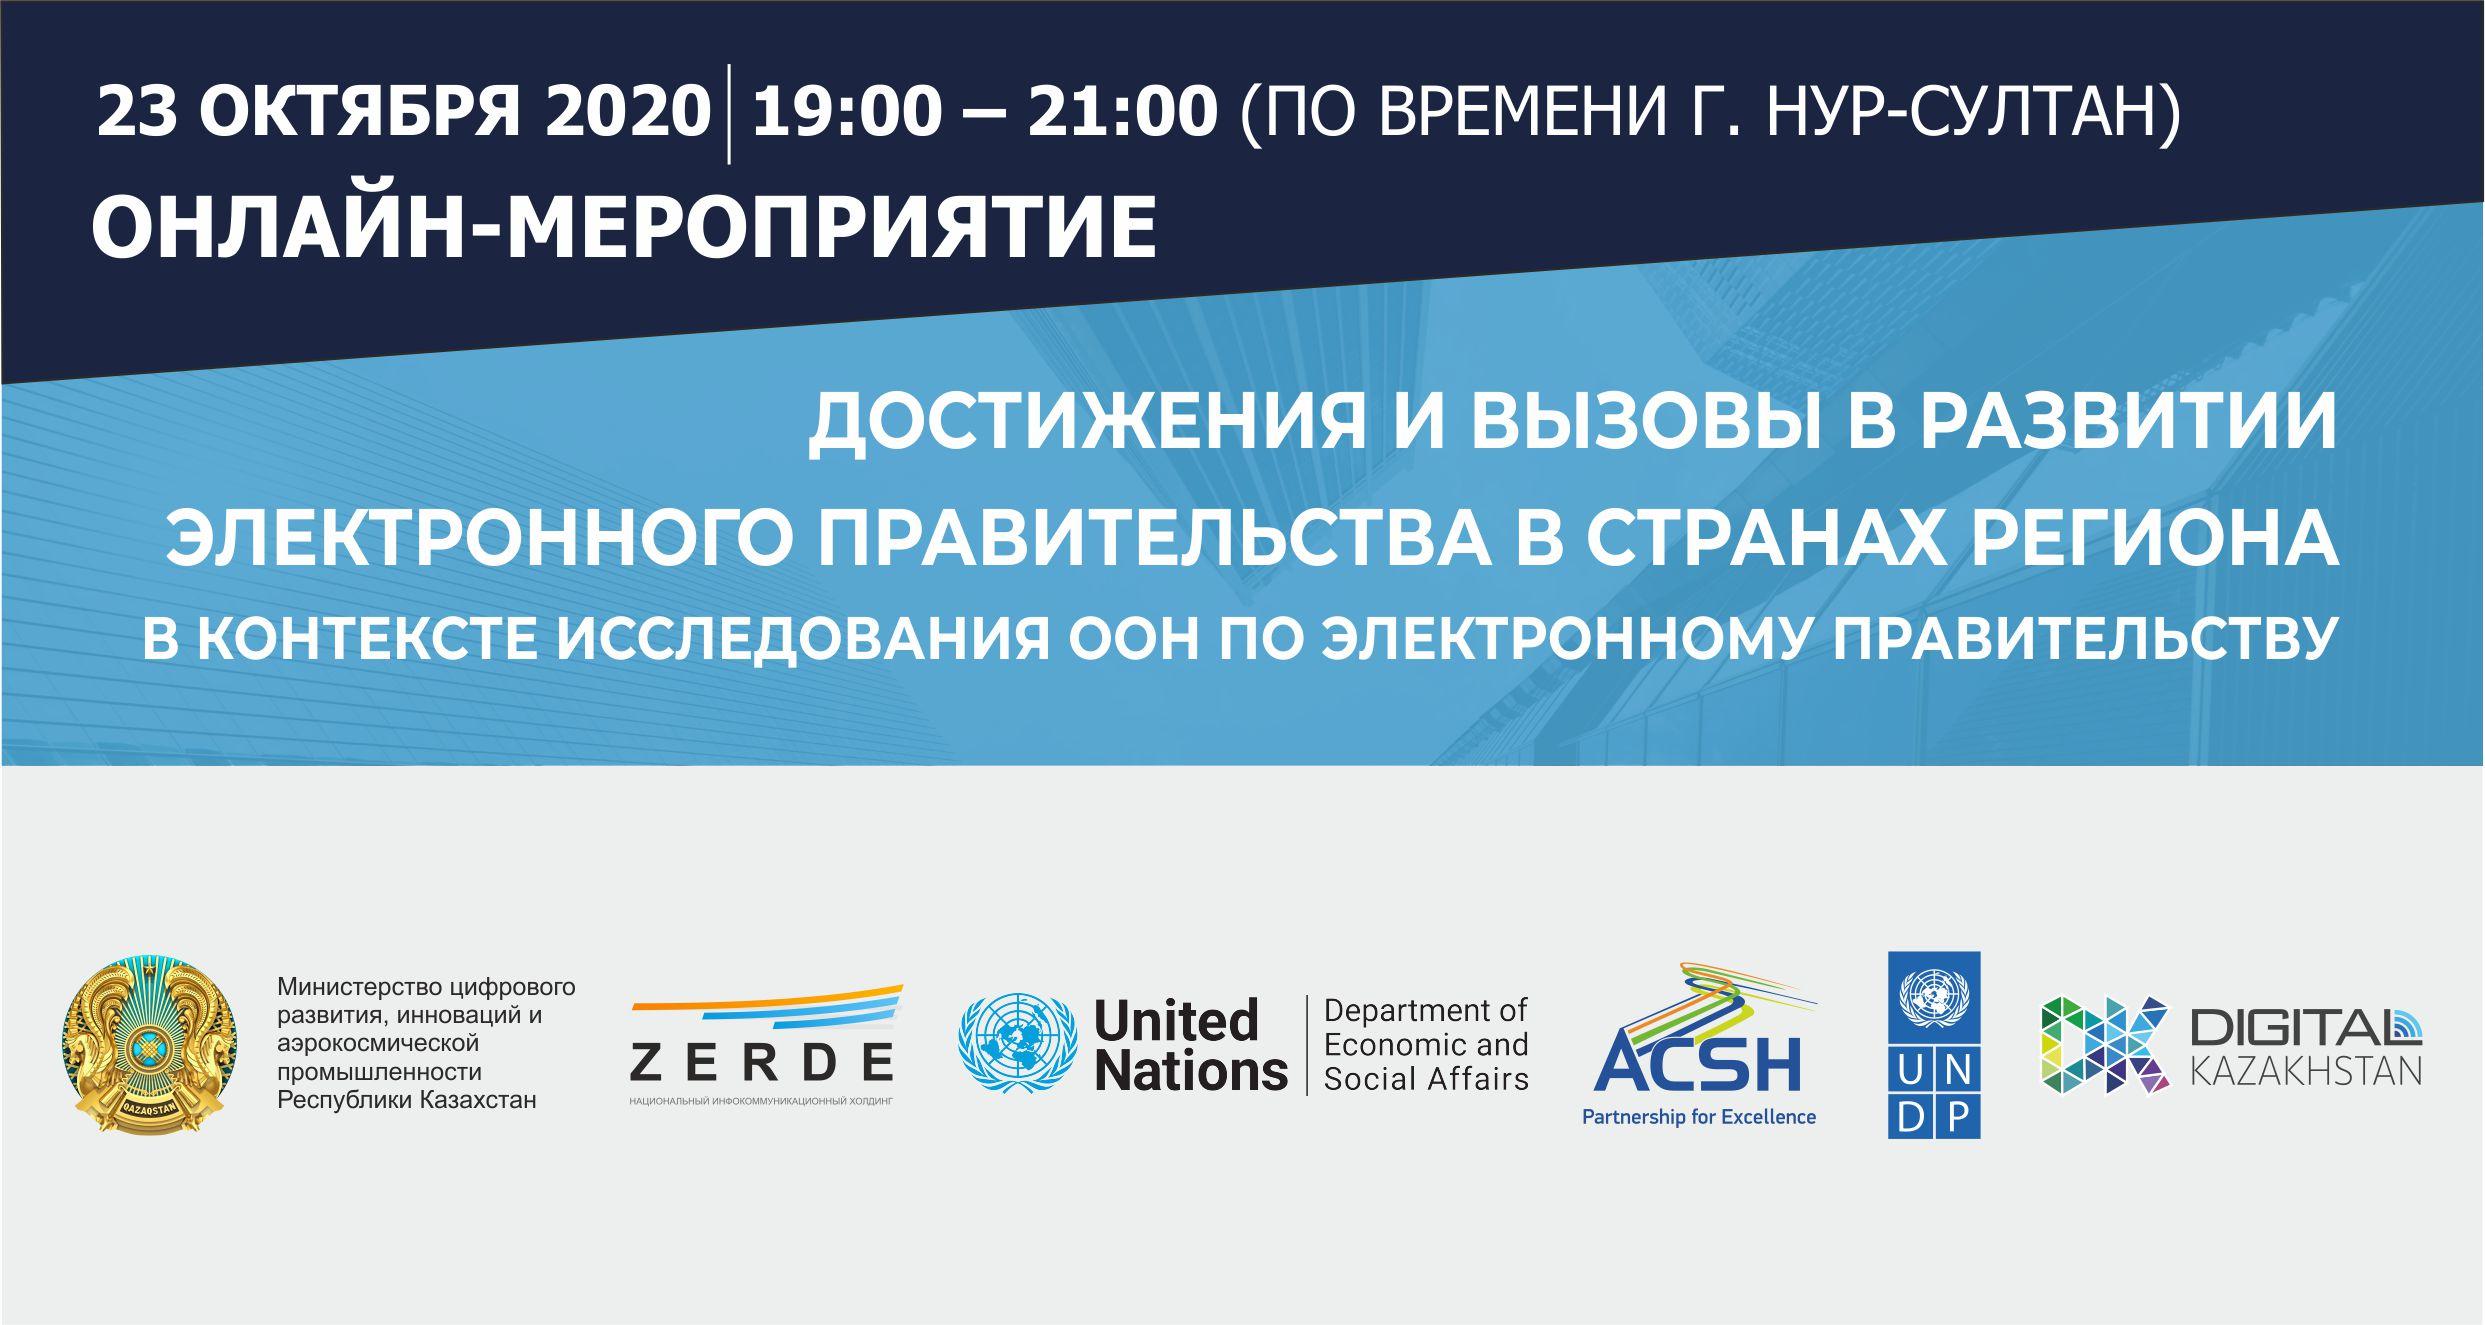 ООН: Спрос на ускорение цифровой трансформации в госсекторе повышается